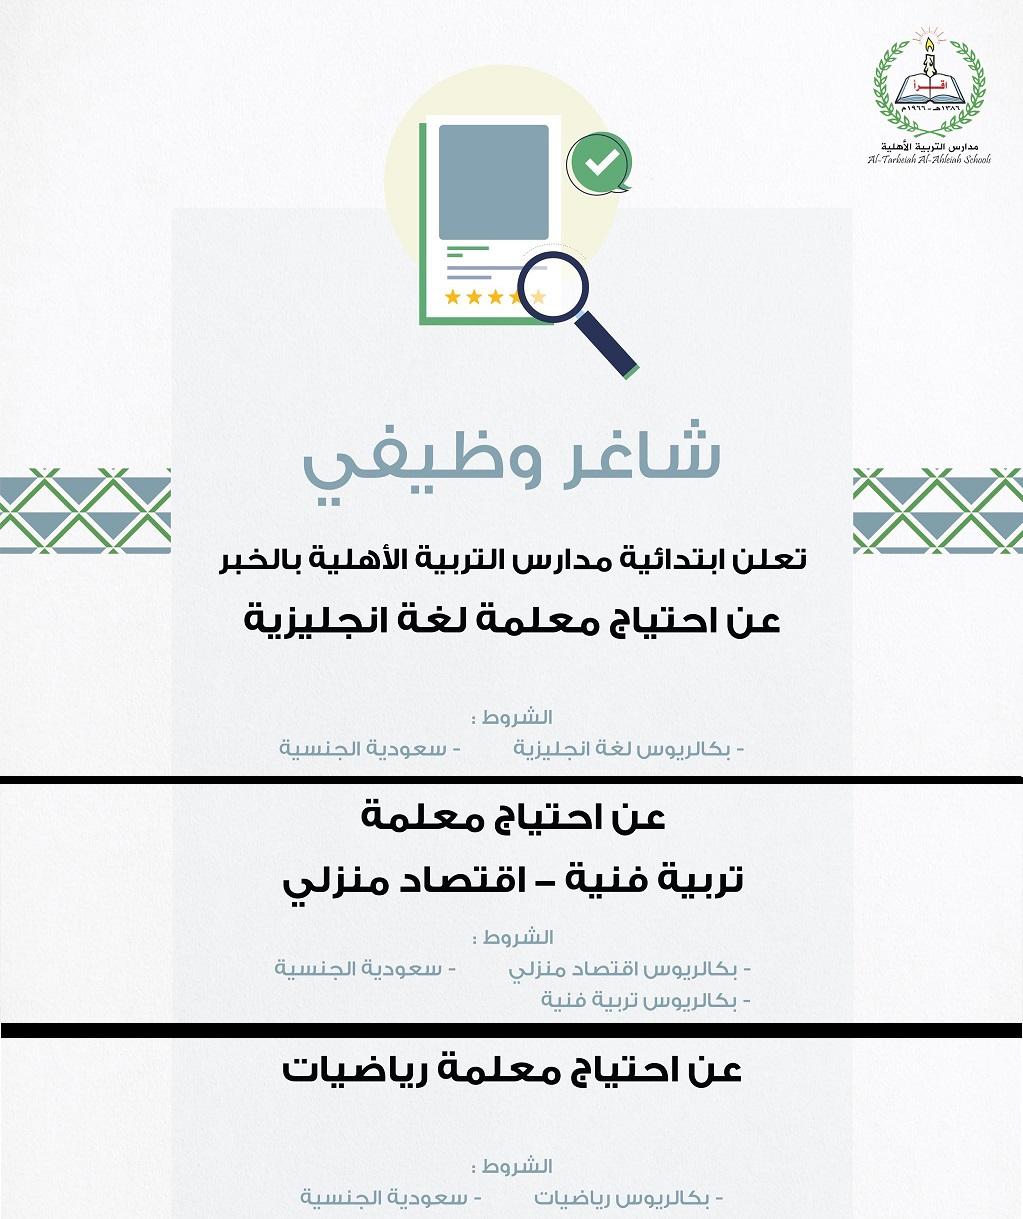 وظائف تعليمية للنساء في مدارس التربية الاهلية Aaa16